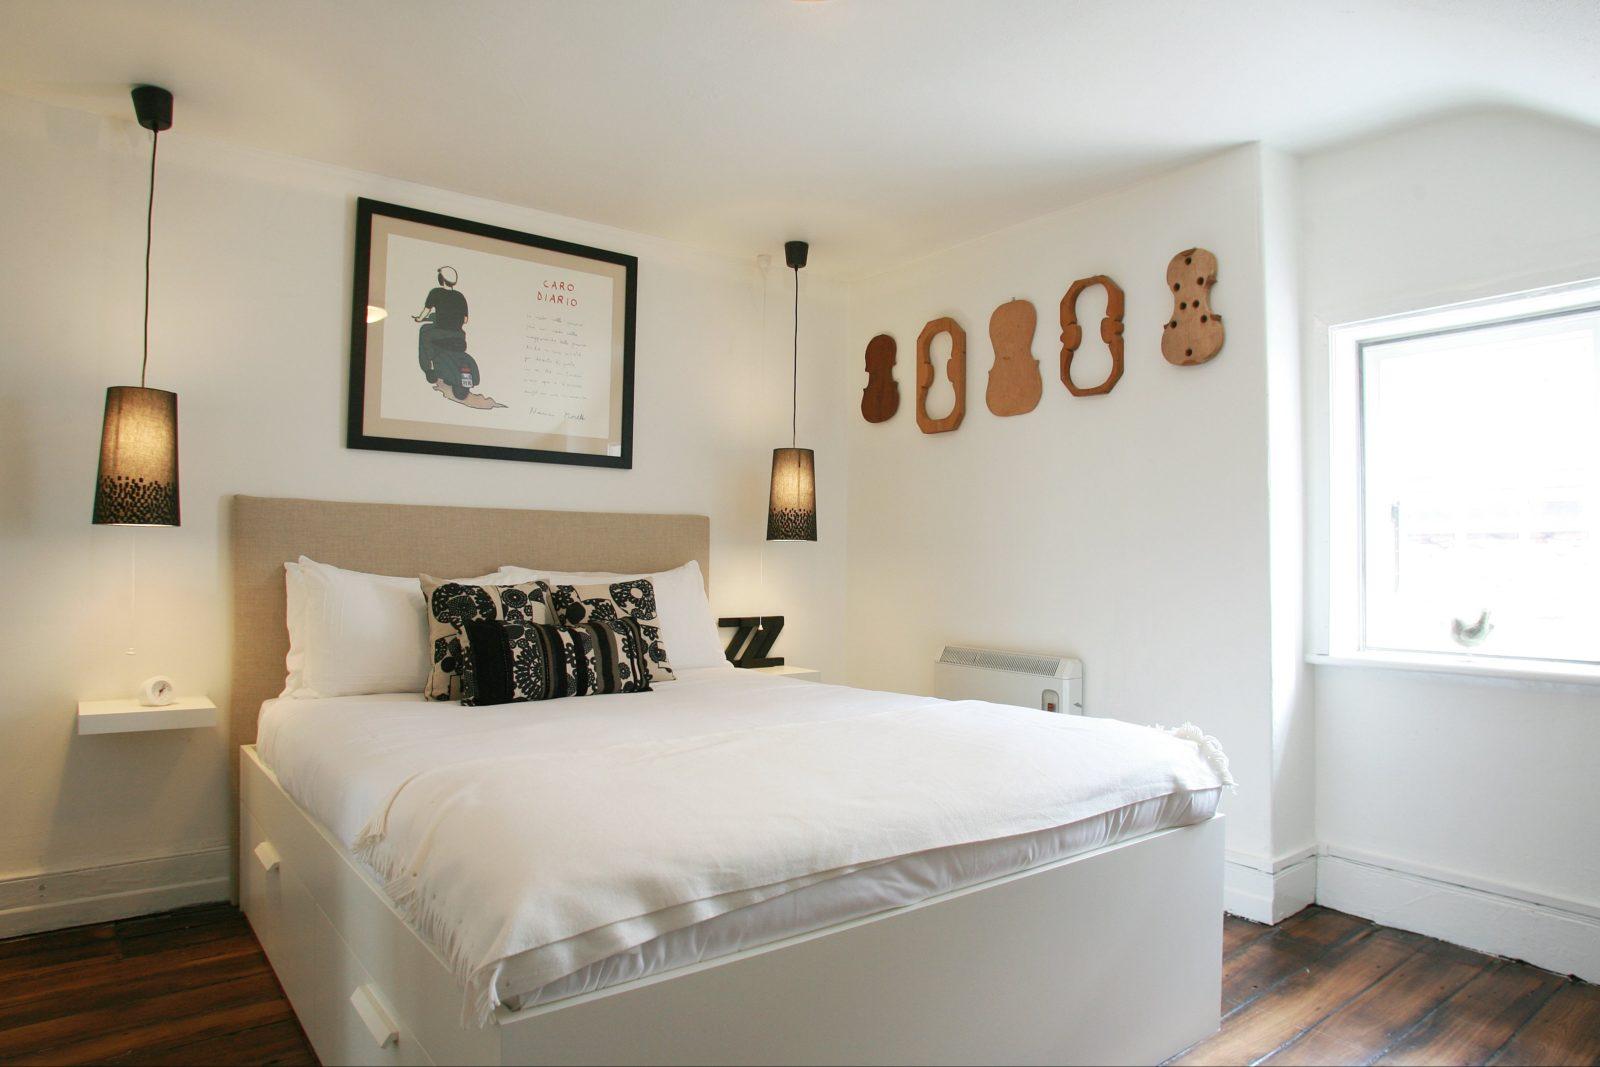 Attic Queen bedroom